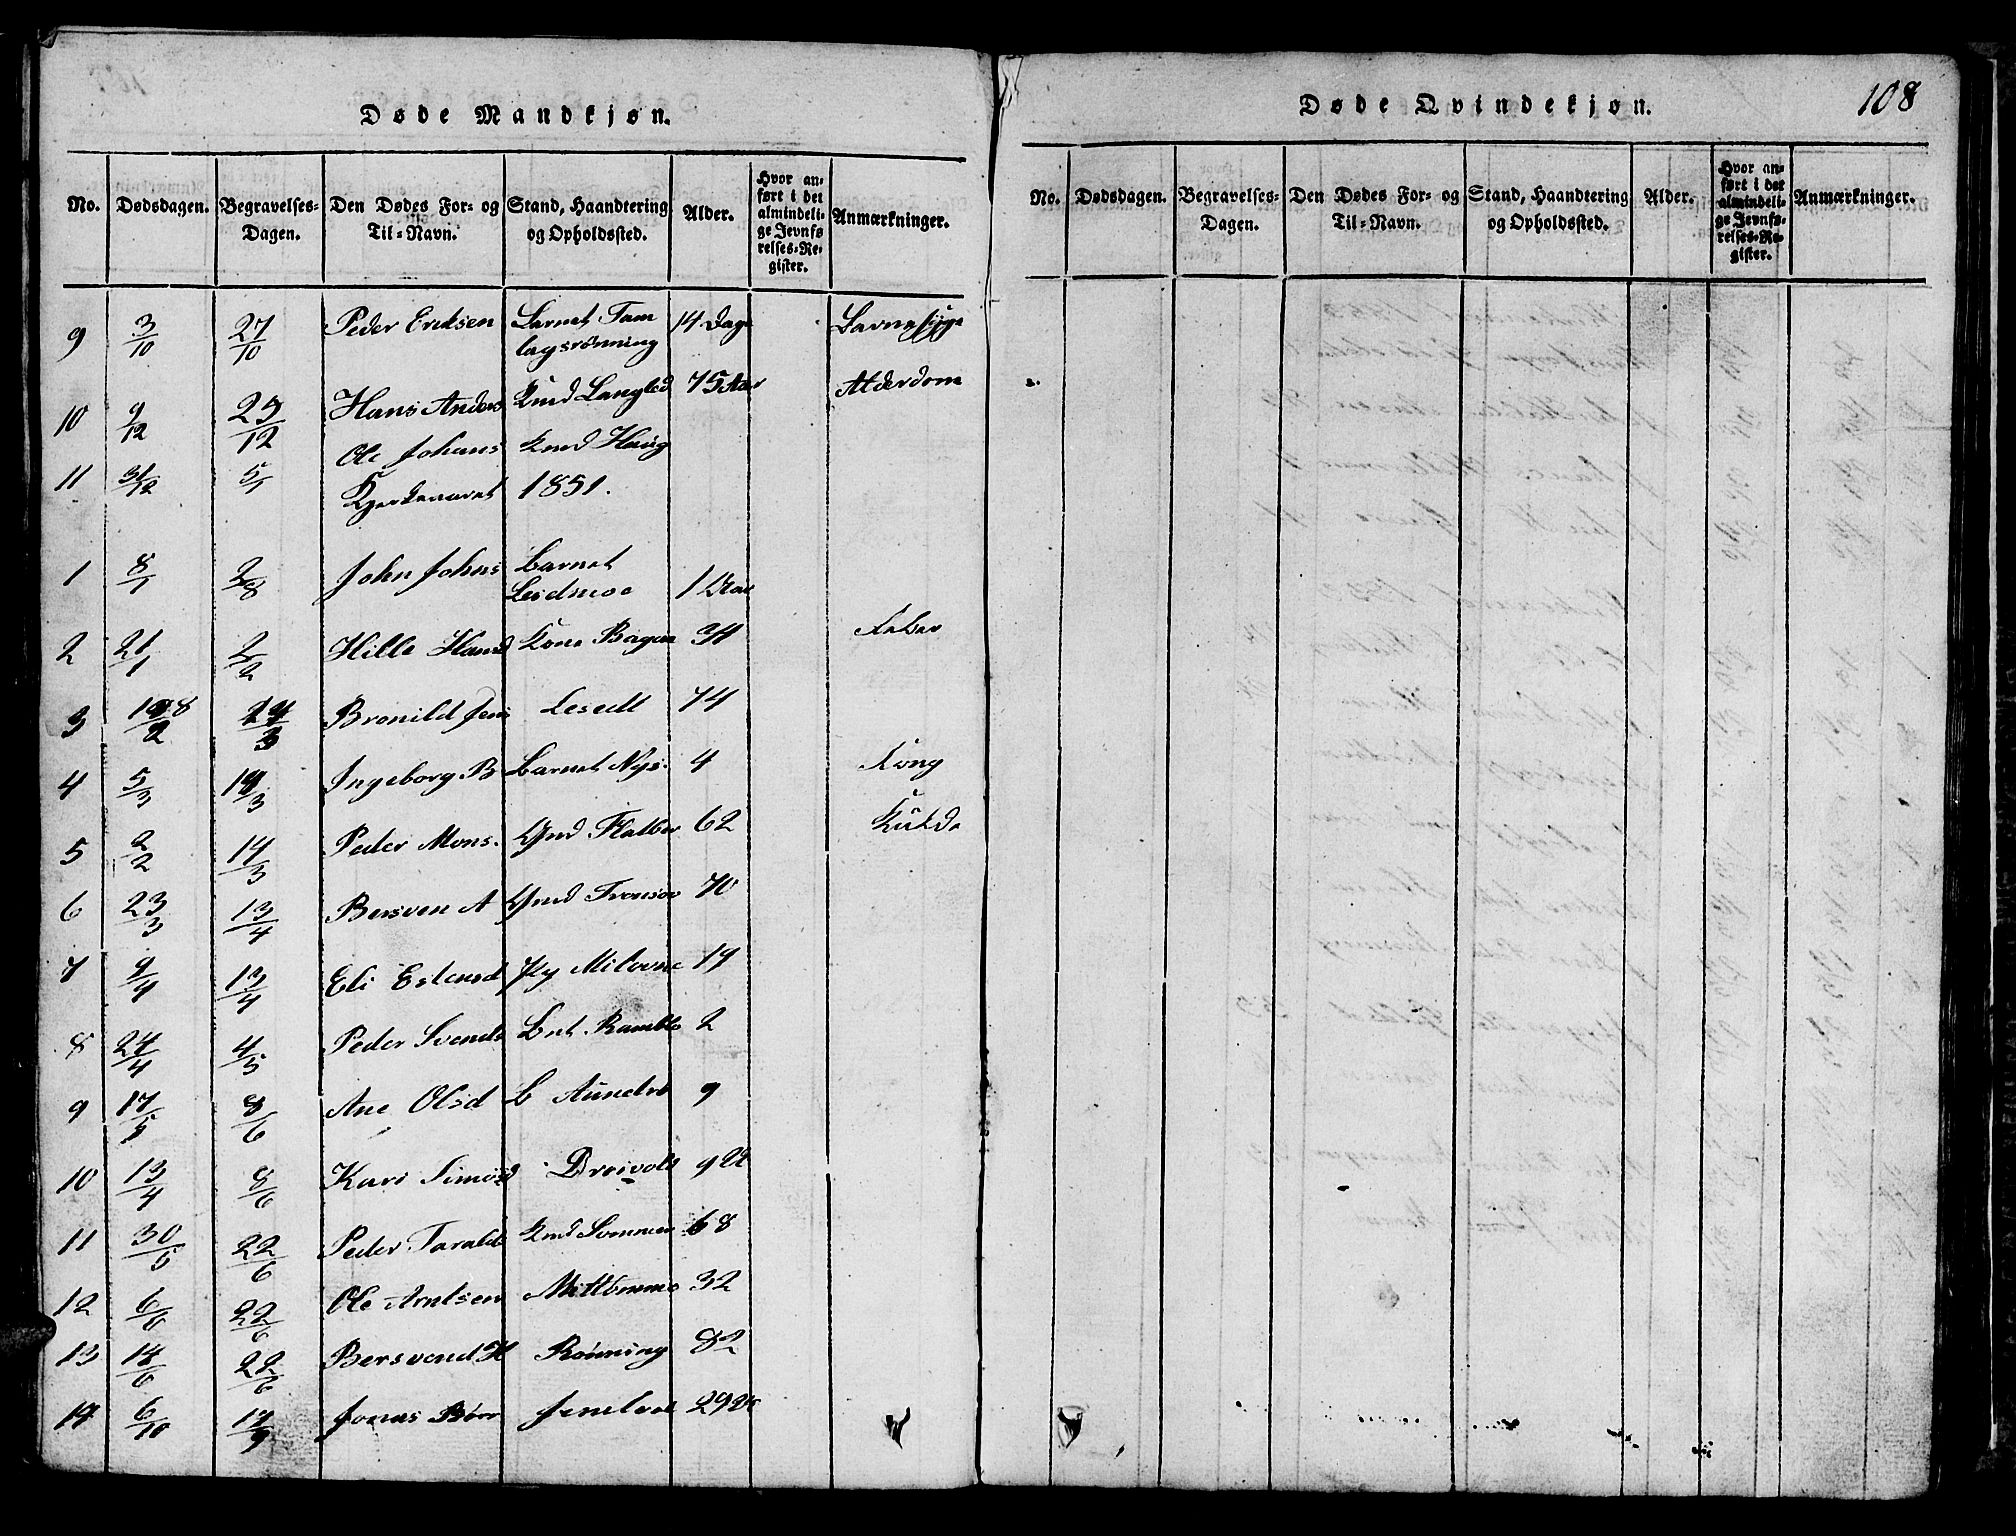 SAT, Ministerialprotokoller, klokkerbøker og fødselsregistre - Sør-Trøndelag, 685/L0976: Klokkerbok nr. 685C01, 1817-1878, s. 108